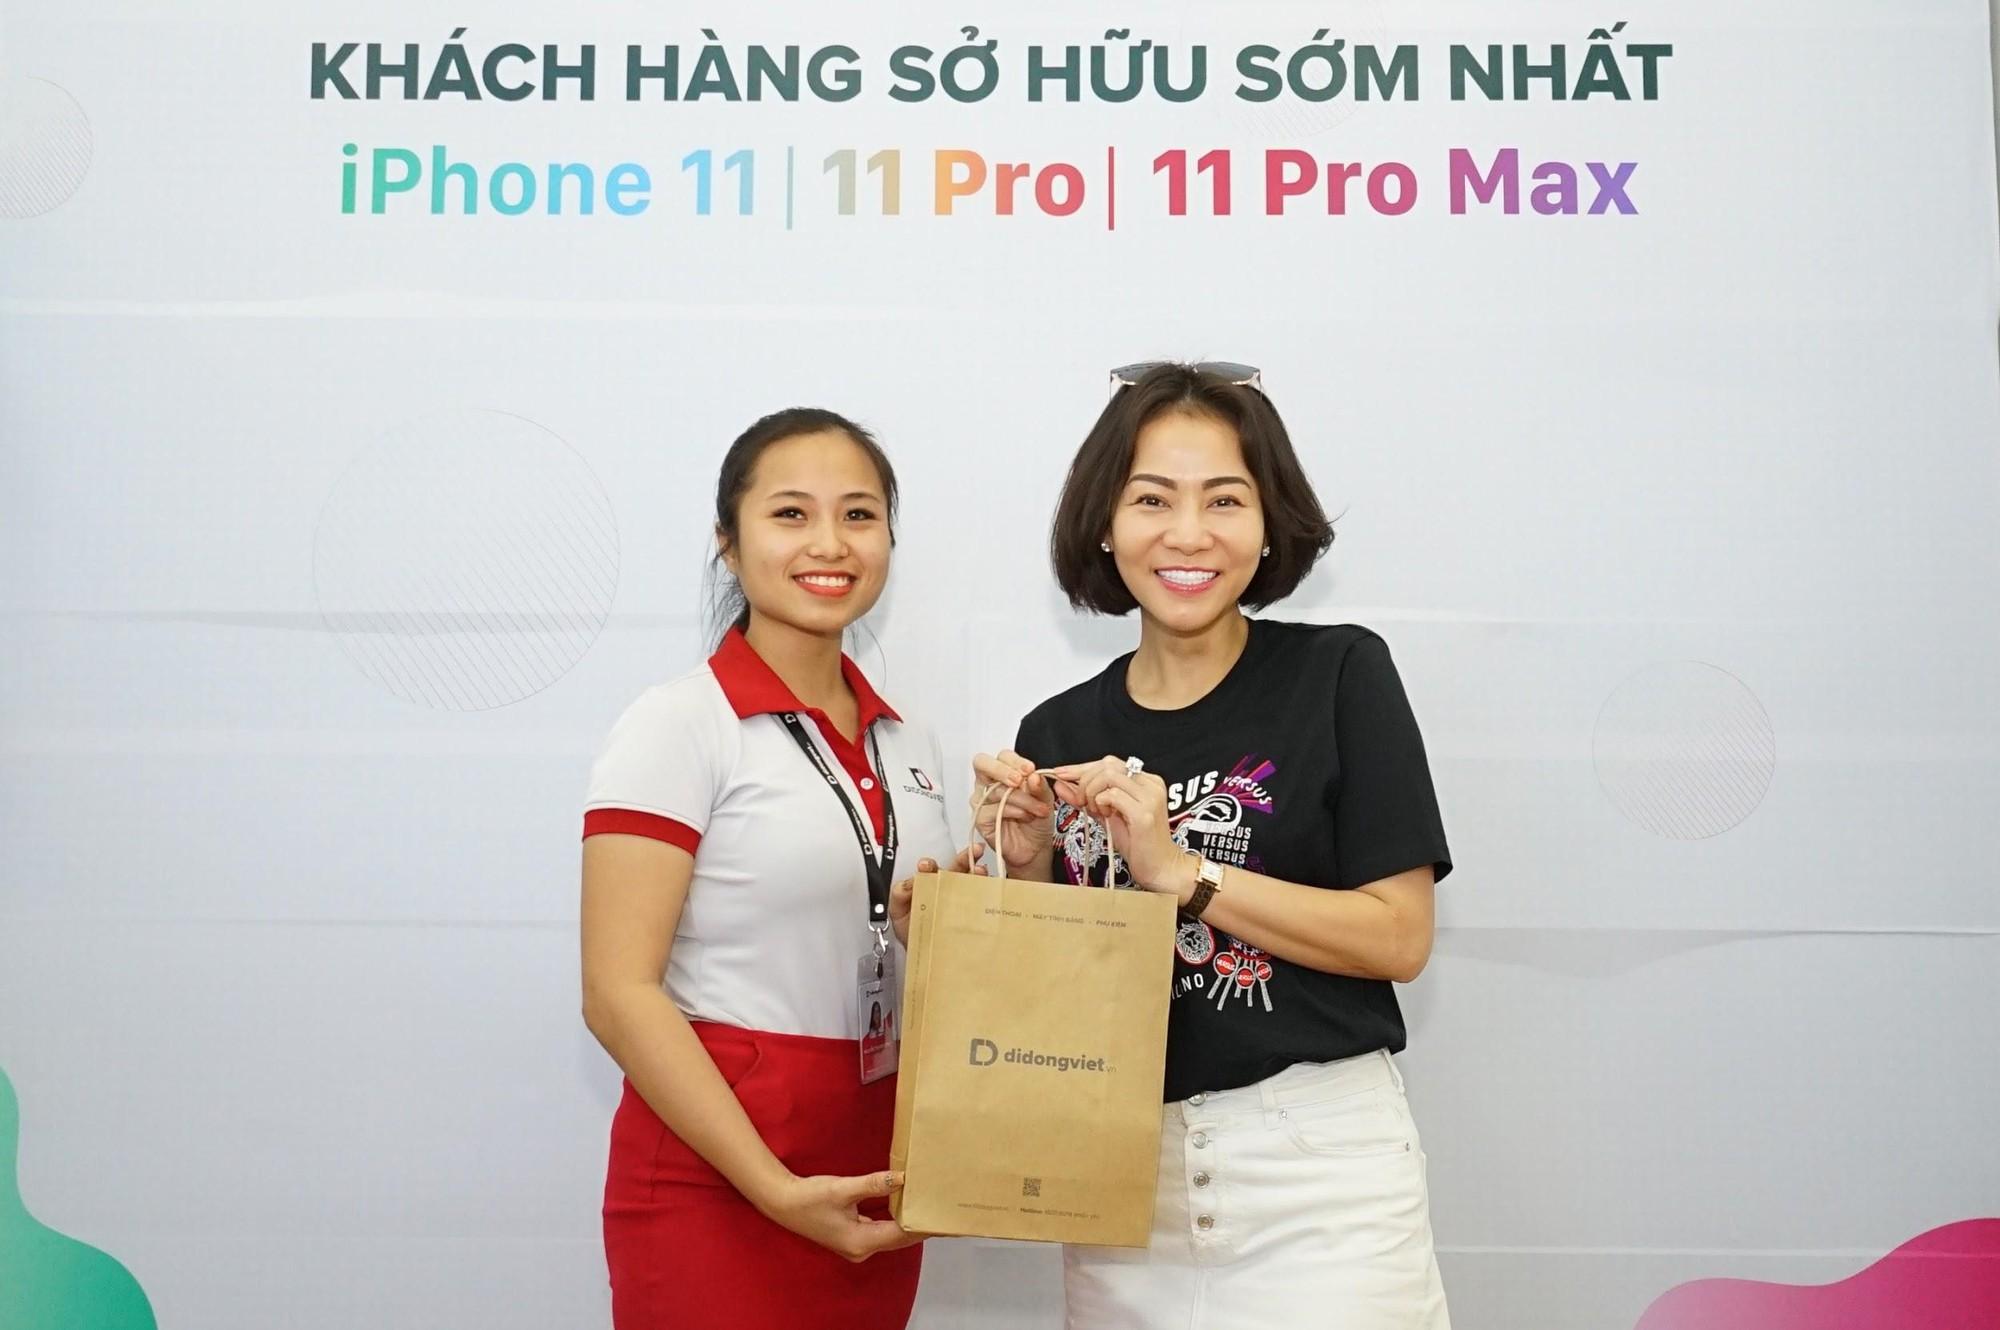 gia-iphone-11-cao-nhat-gan-48-trieu-dong-trong-ngay-mo-ban